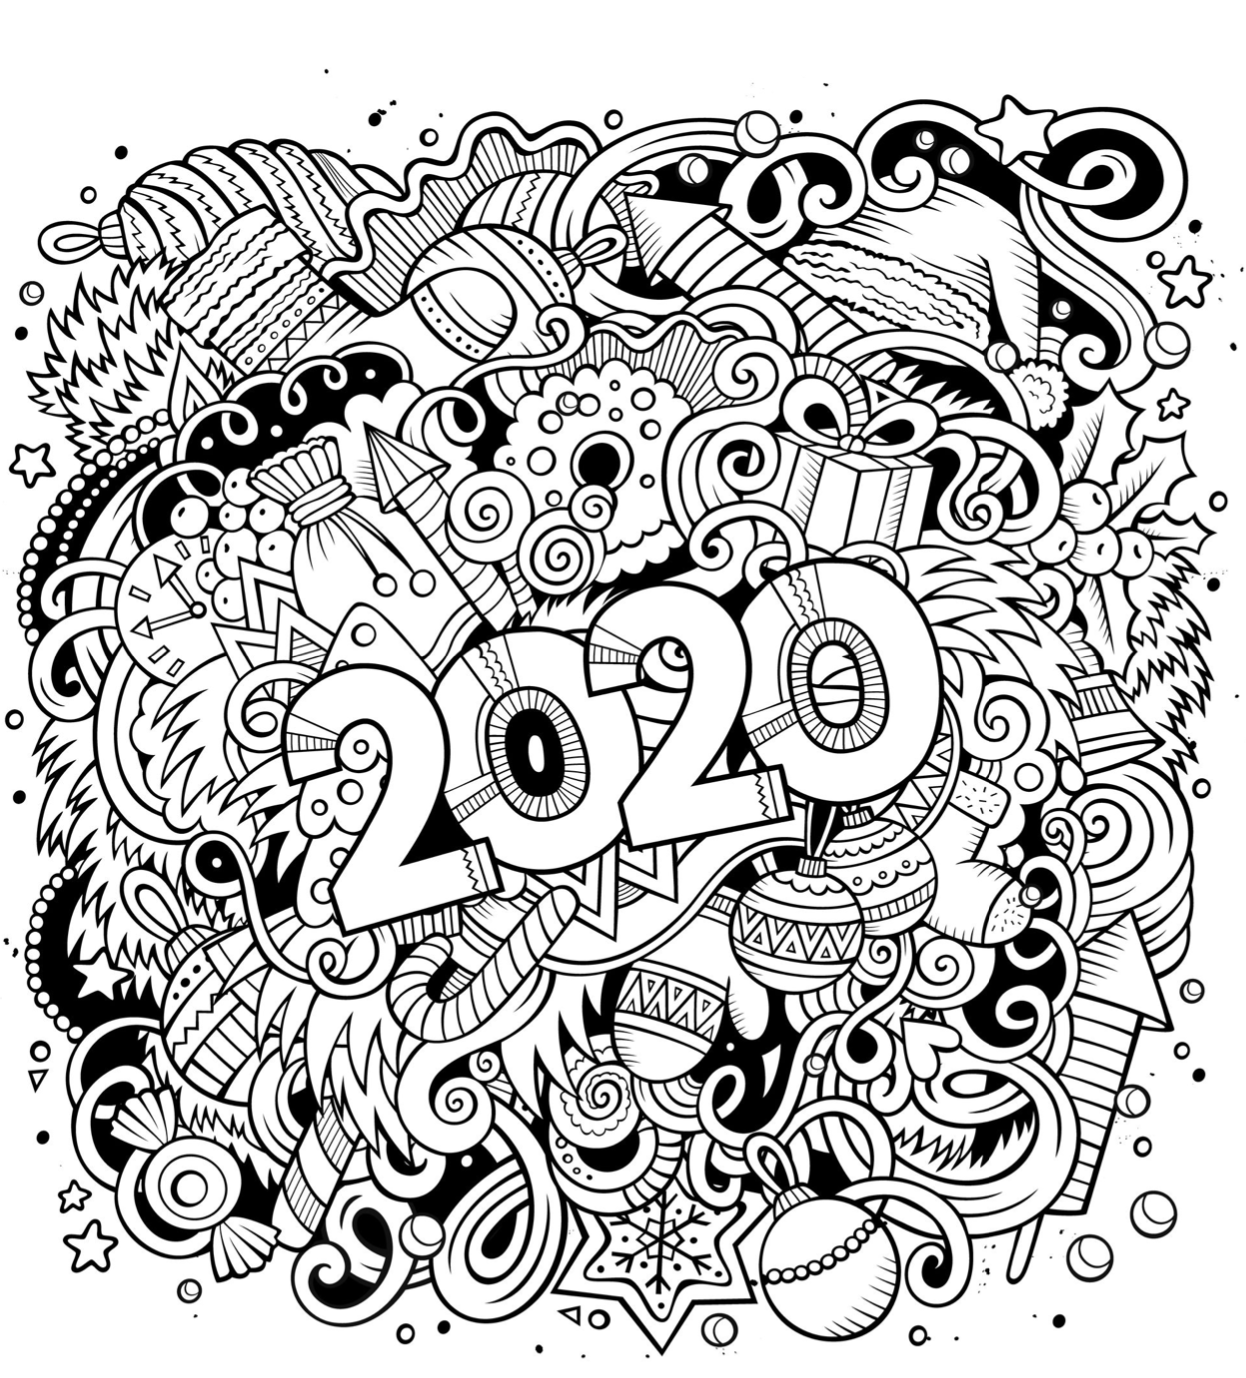 Kleurplaat 2020 Juf Maike Tips Voor De Ontwikkeling Kleurplaten Leuke Doodles Handen Tekenen